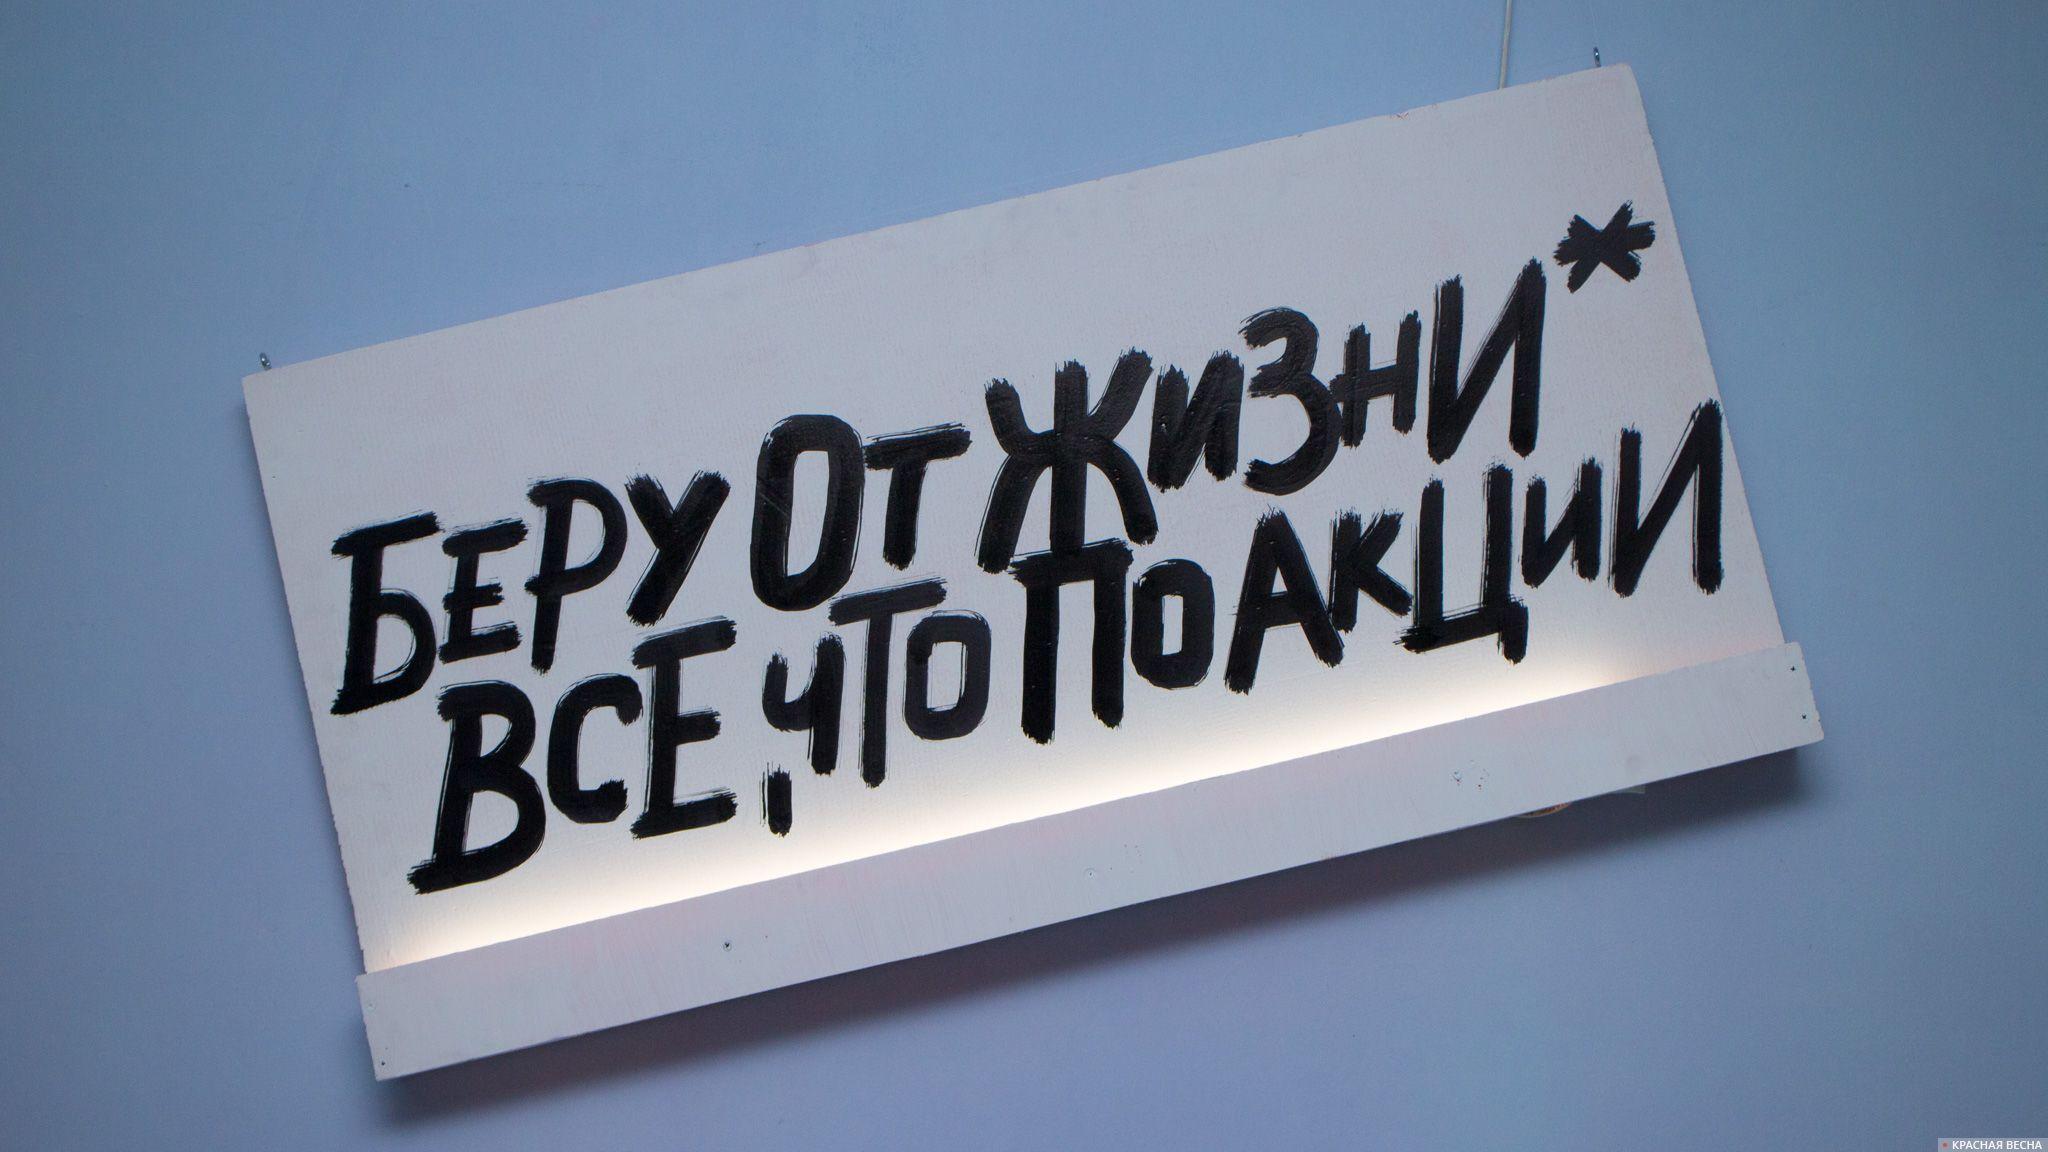 Одна из работ на выставке «Поколение декаданс». Таганрог. 13.01.2018